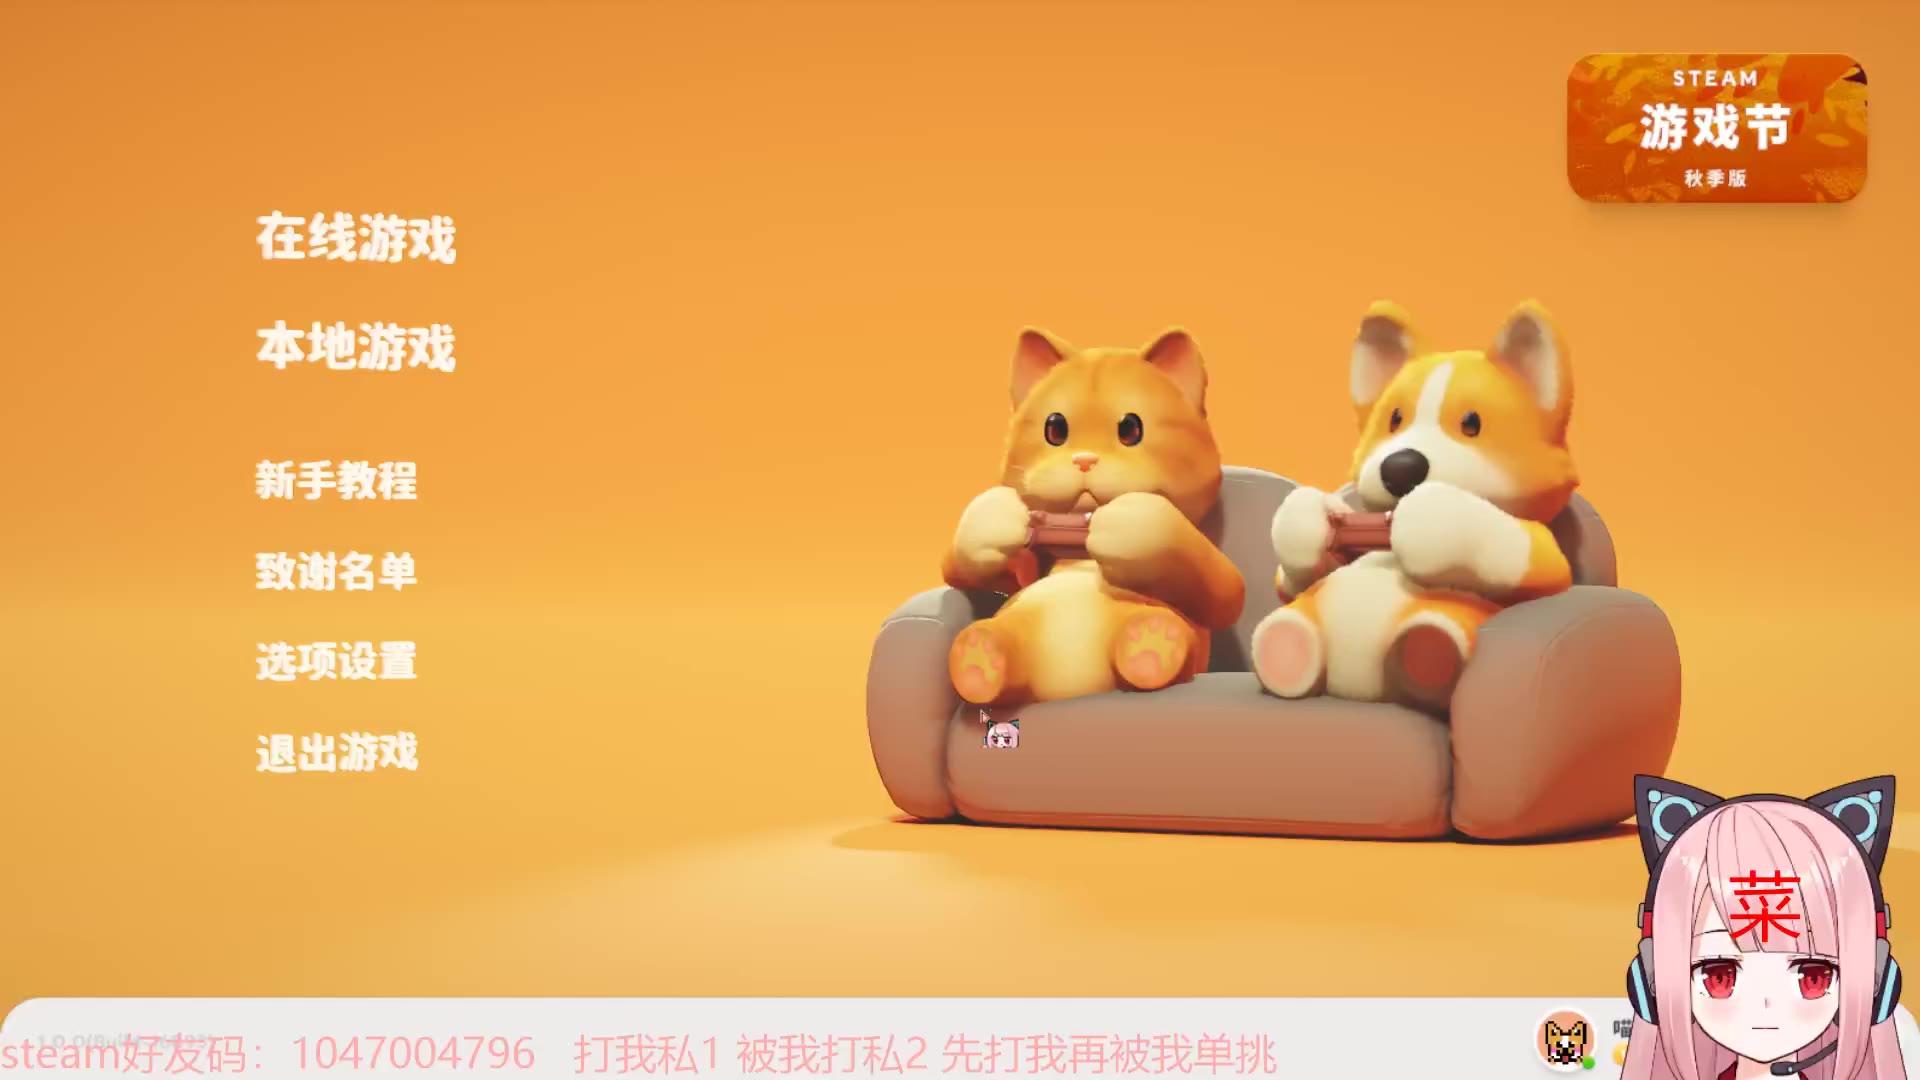 【录播】想直播游戏却被面捕背刺而惨遭断成4节的猫猫(10-12晚 喵年nyanon_channel)